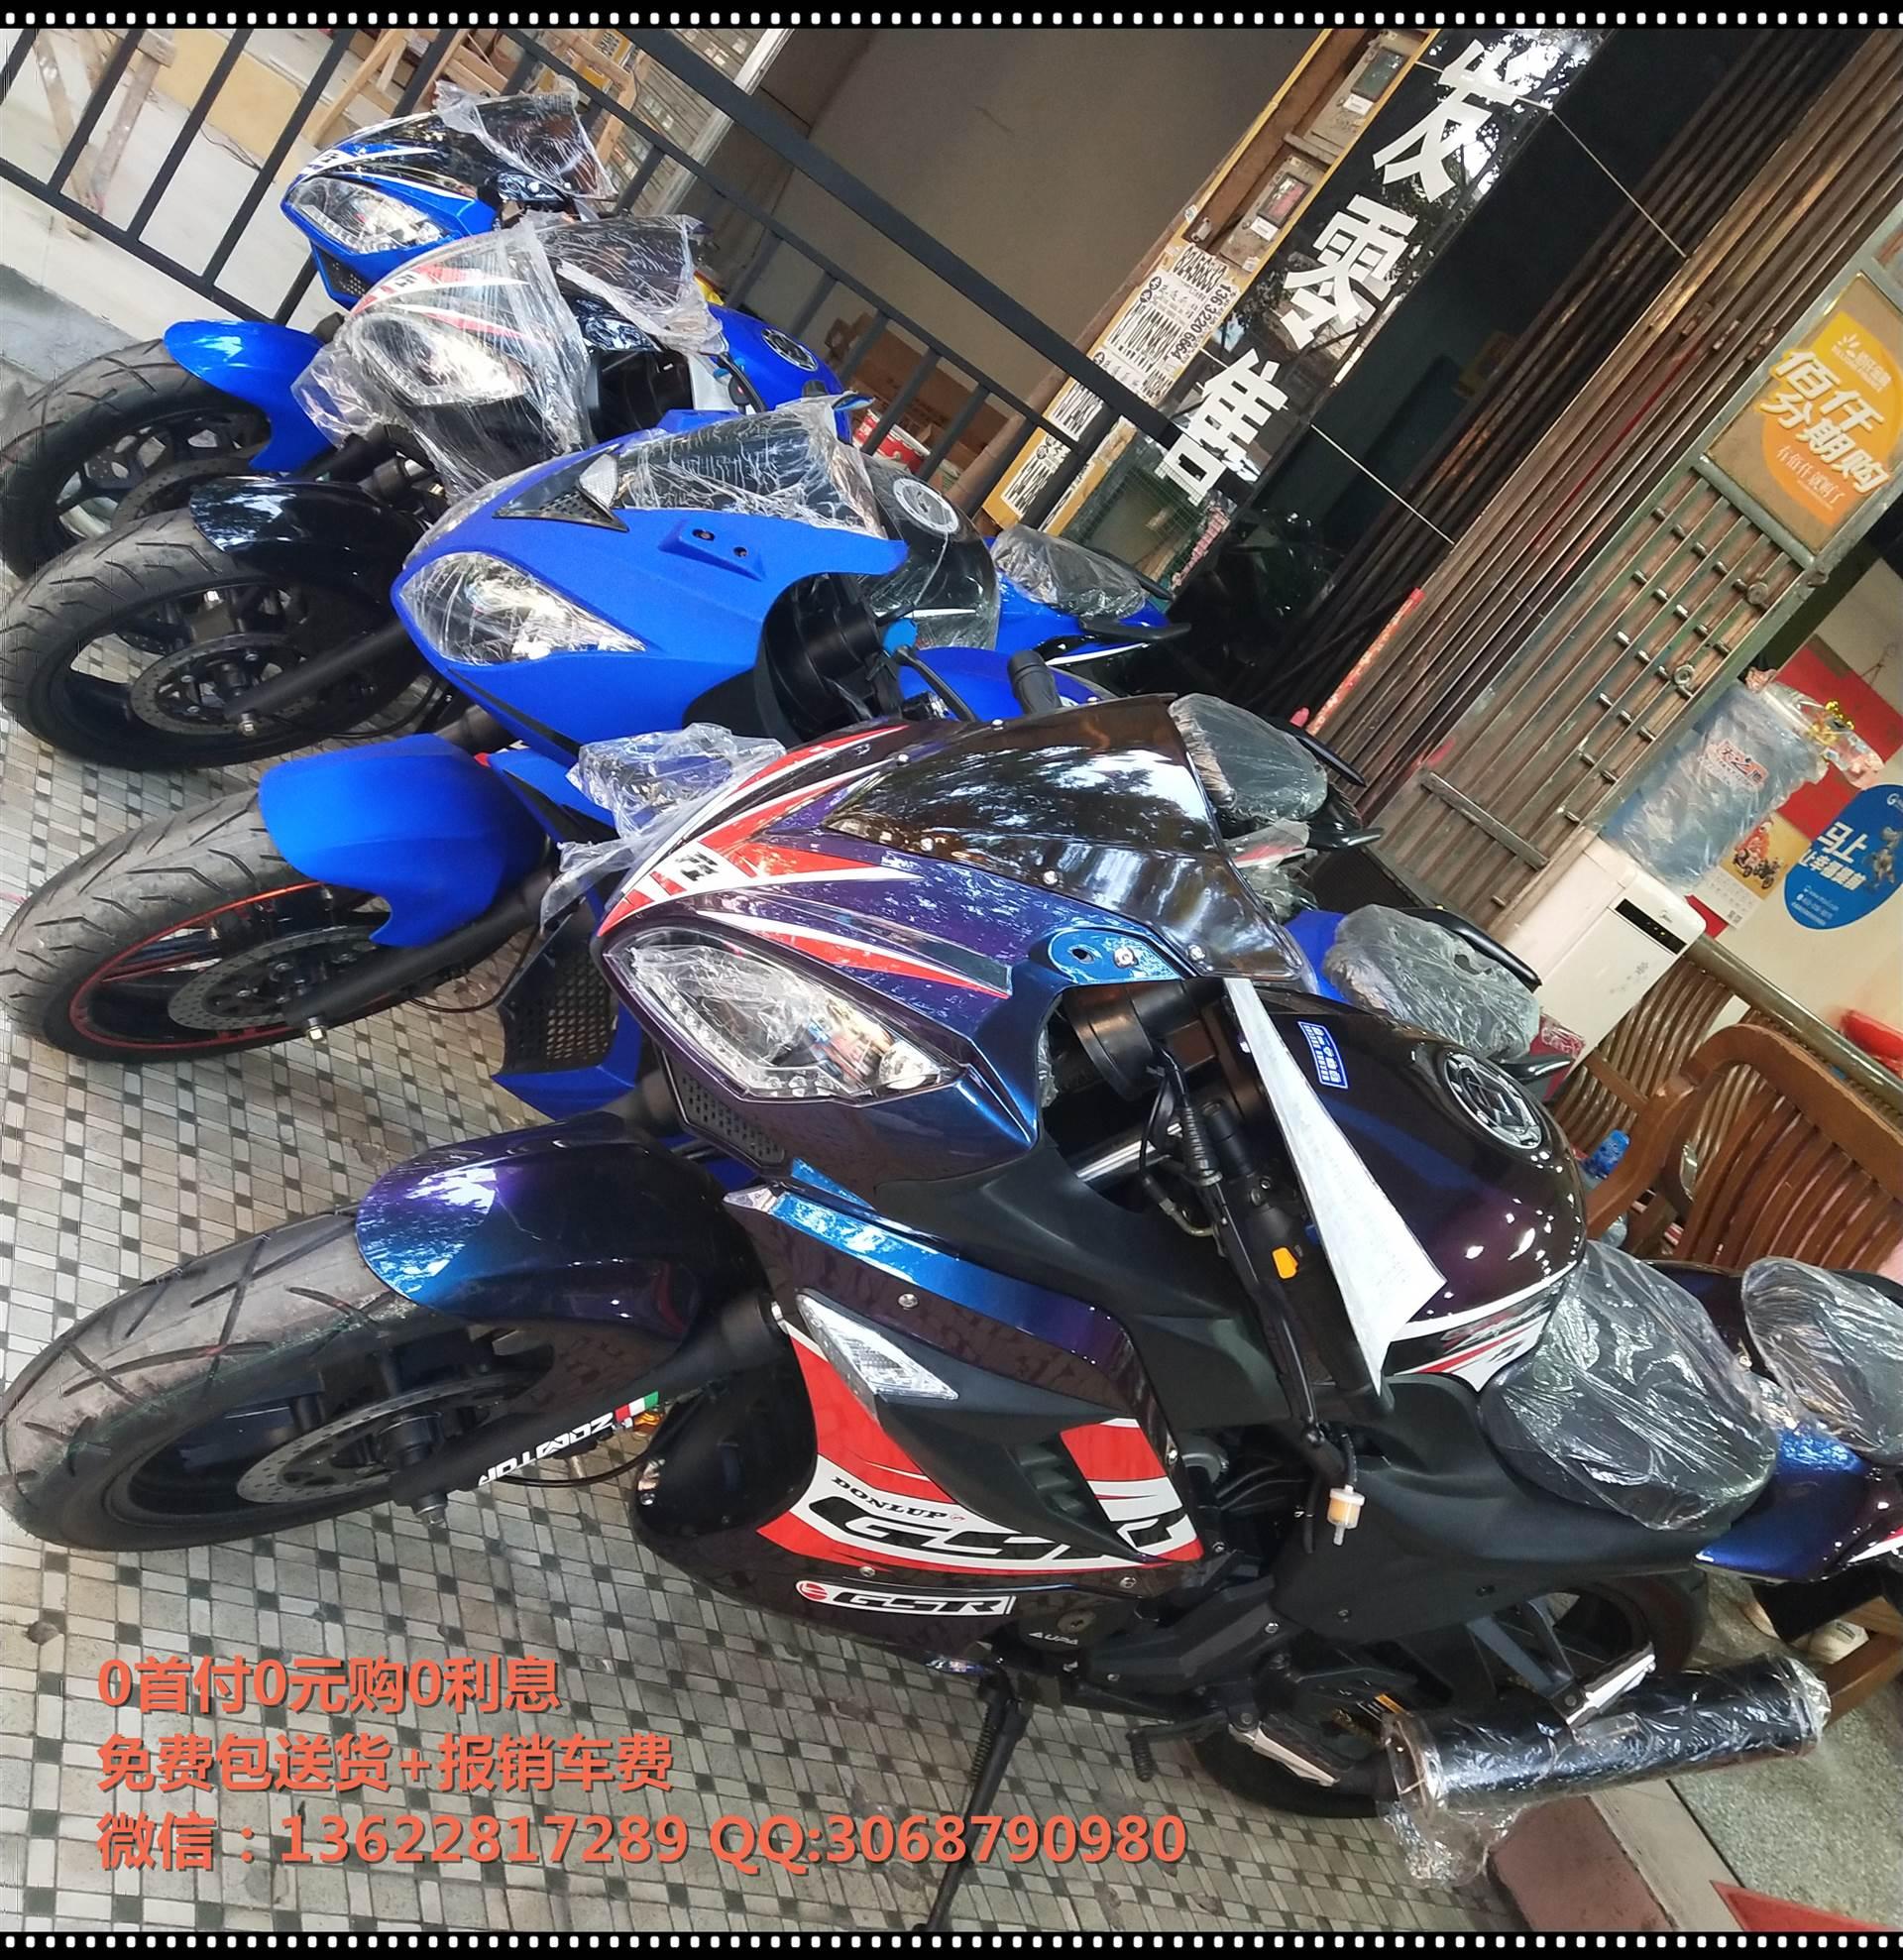 雅马哈公路赛车摩托车